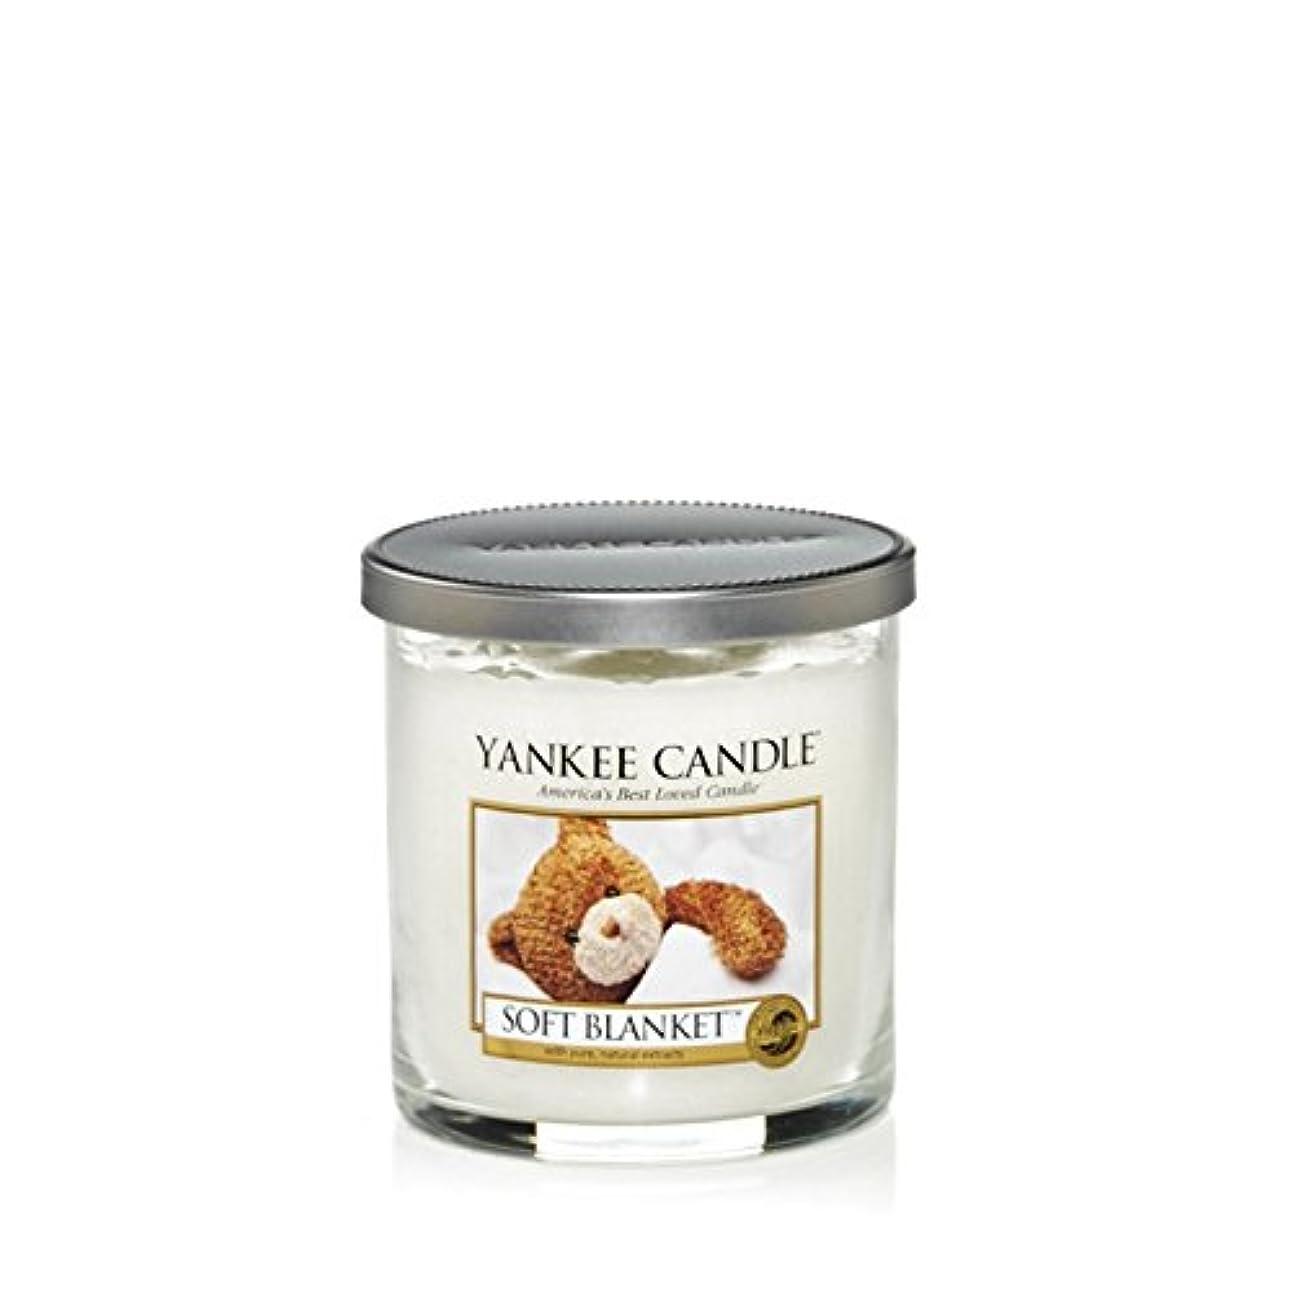 スープ拍手盲目Yankee Candles Small Pillar Candle - Soft Blanket (Pack of 6) - ヤンキーキャンドルの小さな柱キャンドル - ソフト毛布 (x6) [並行輸入品]